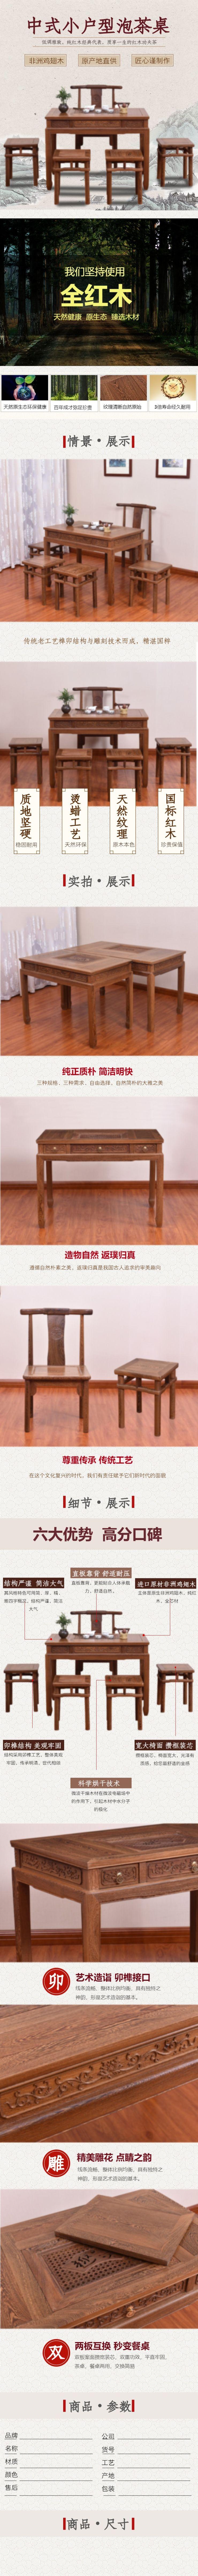 橙色中国风简约家居家装中式桌子电商宝贝详情